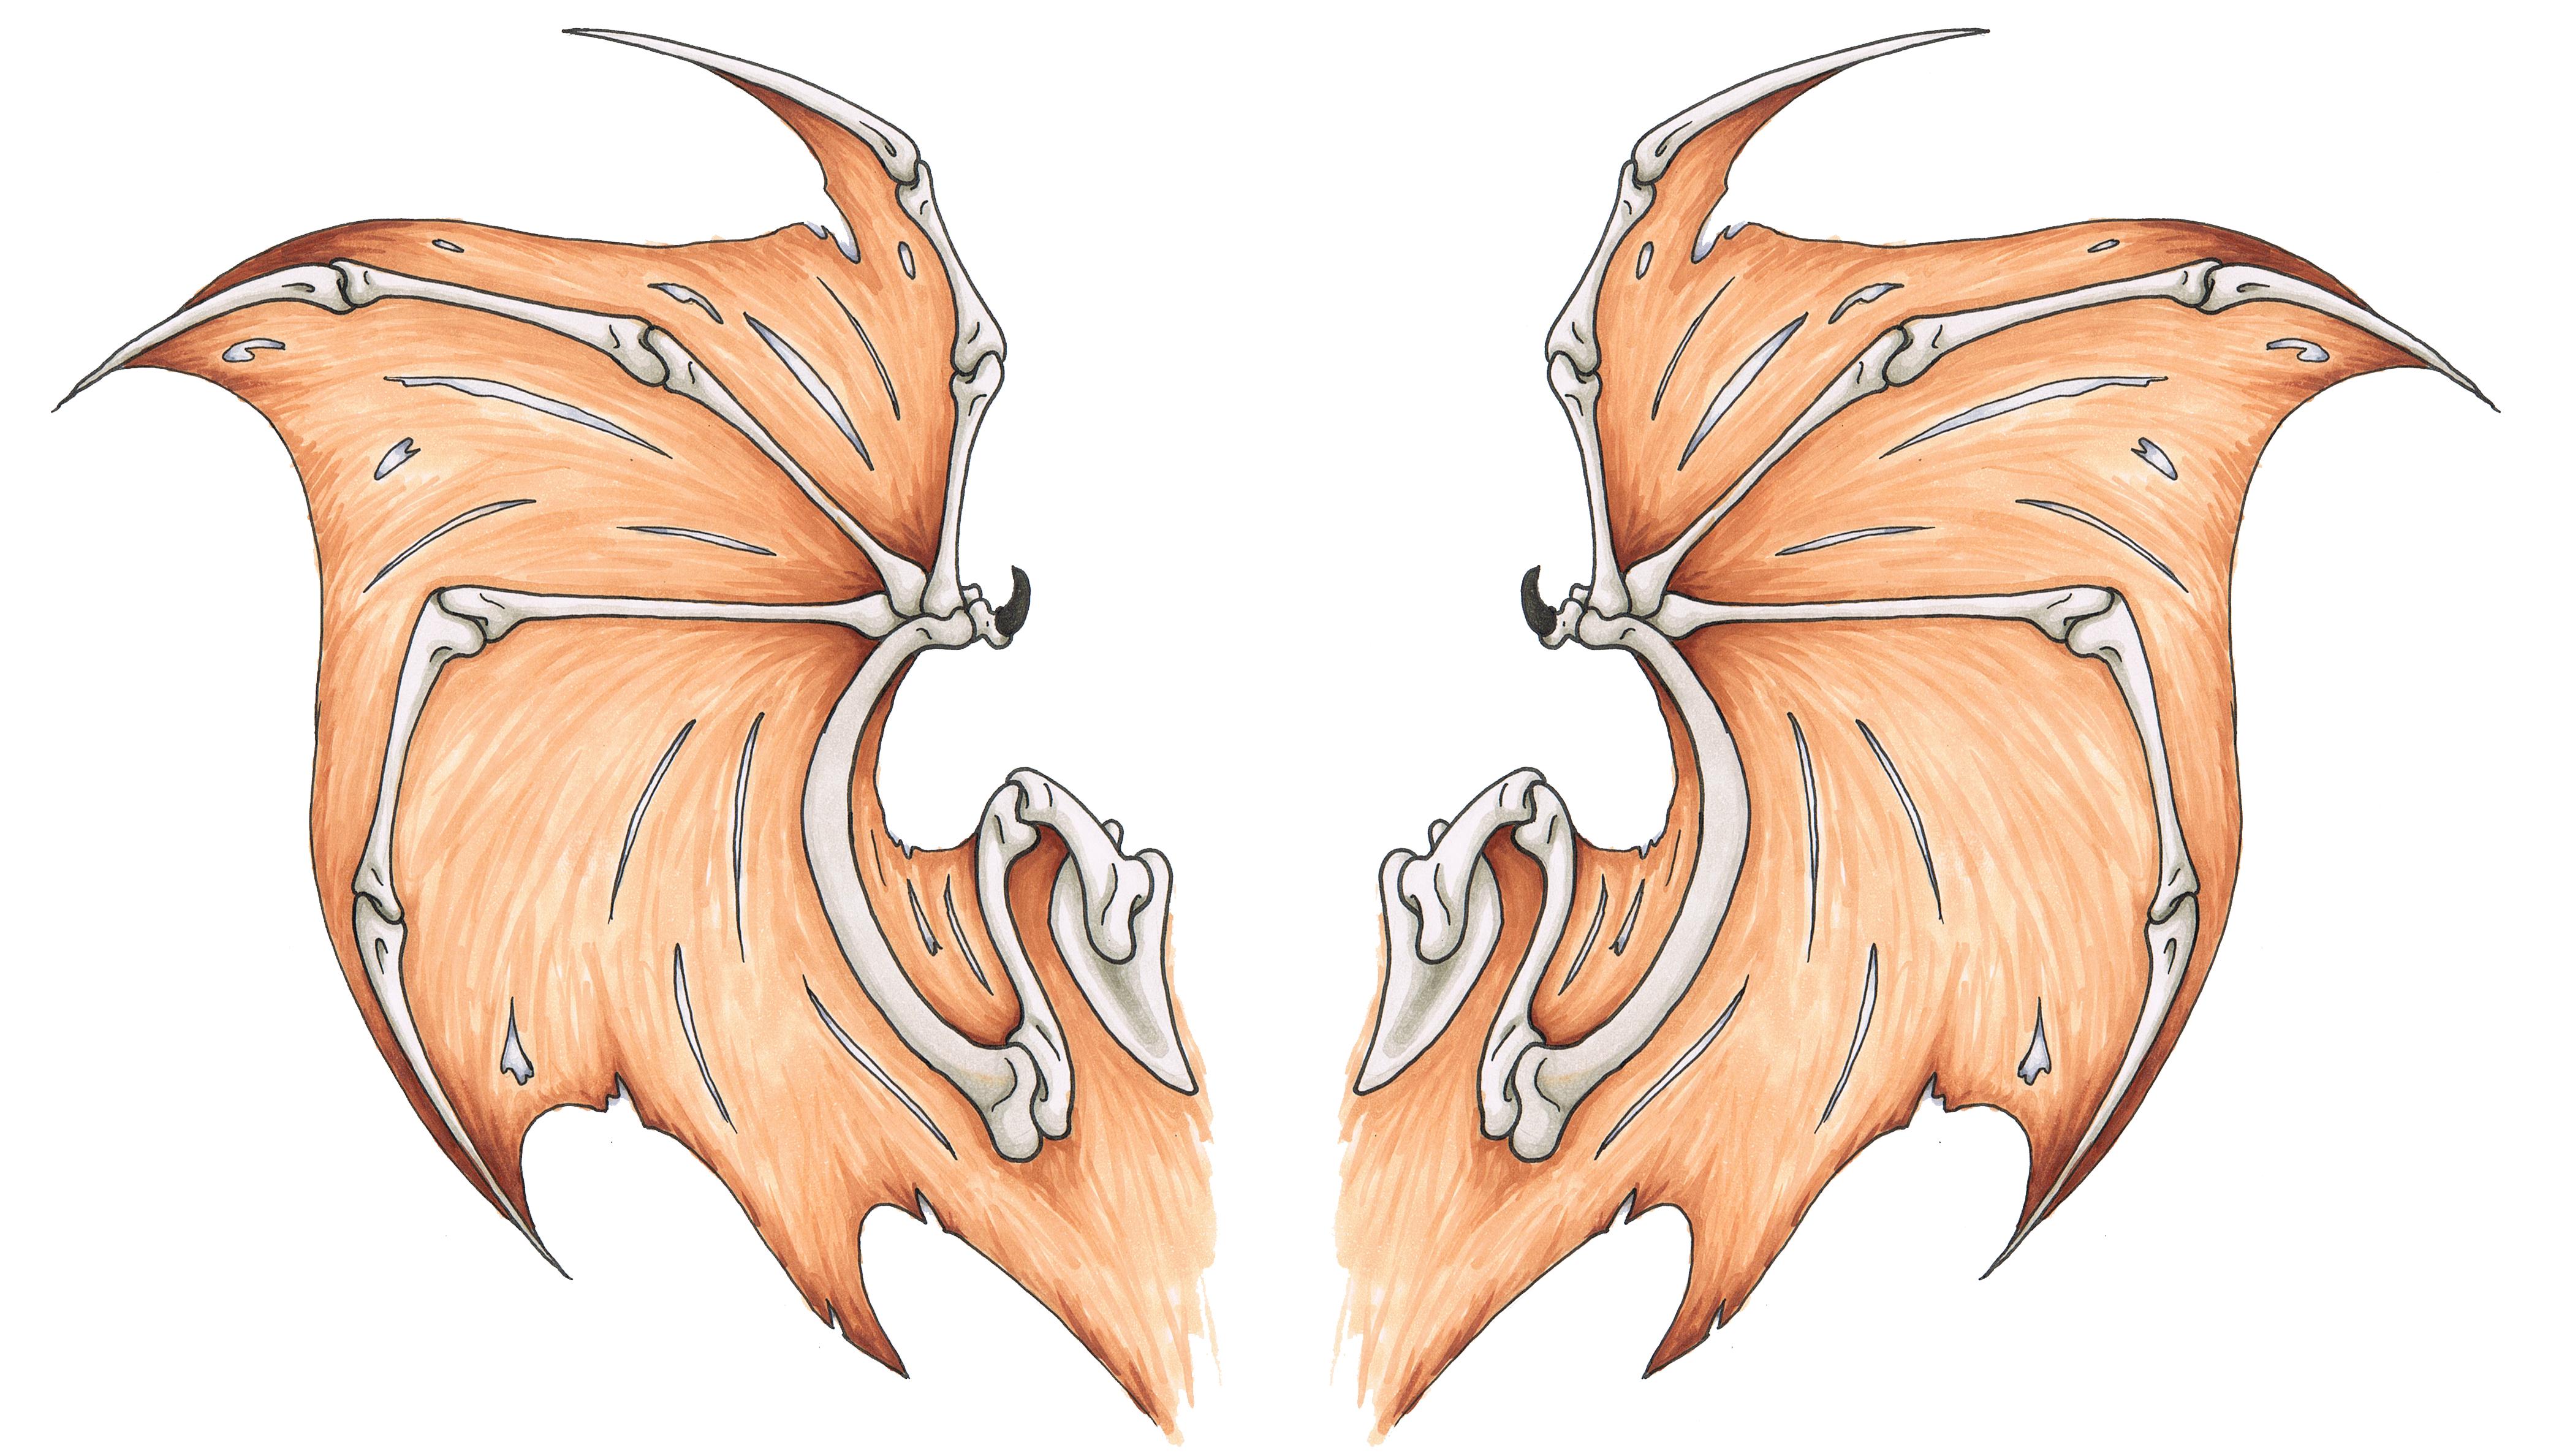 Wing tattoo design - Bat Wings Tattoo Design